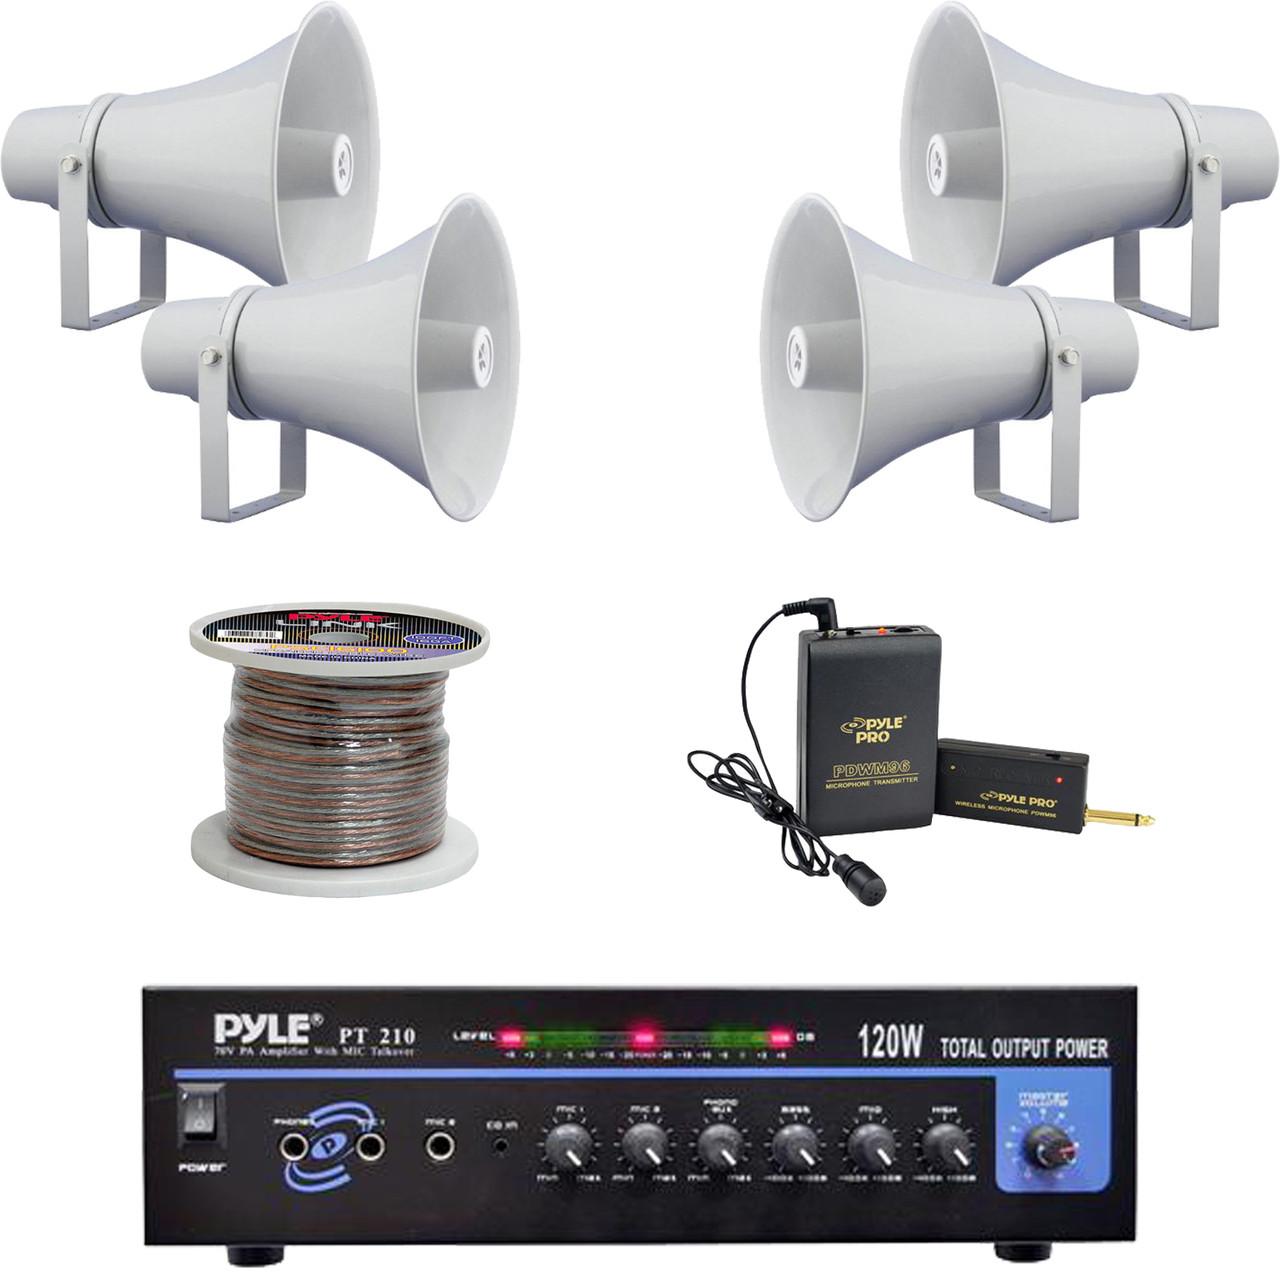 Pt210 Mono 120w Amplifier11 Pa Horn Speakersspeaker Wire Electronic Lavalier Mic